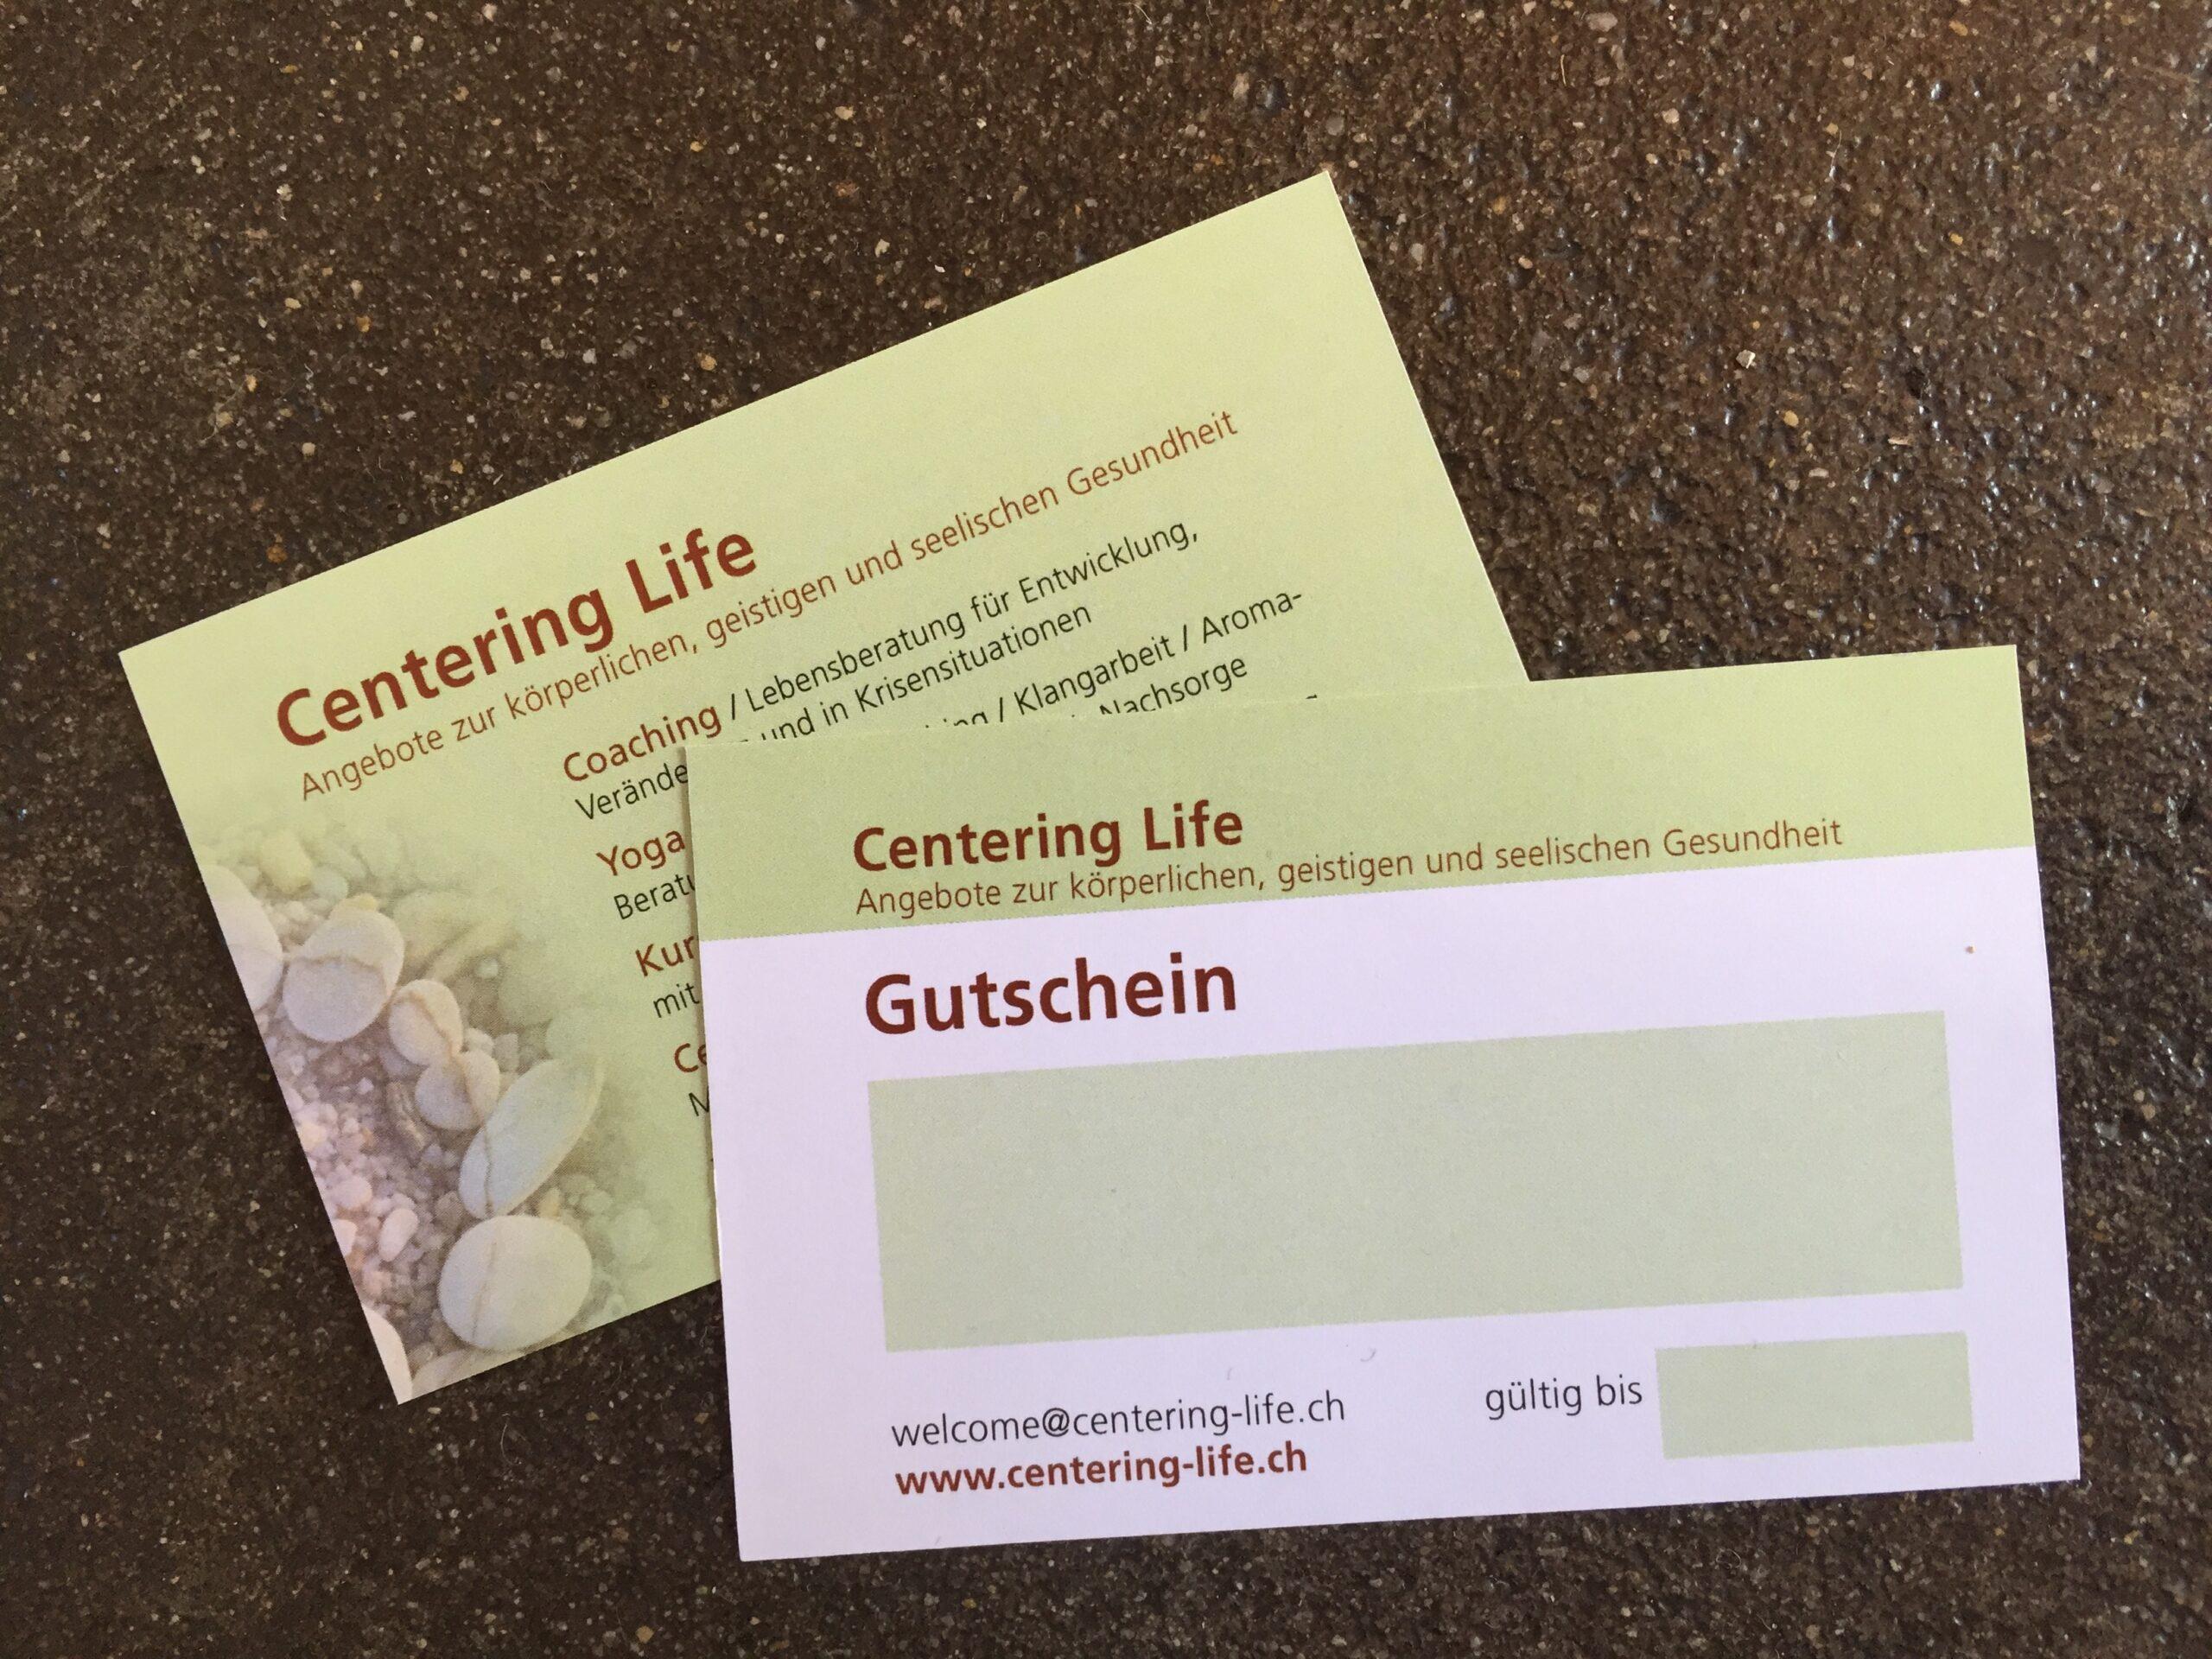 Gutschein Centering Life